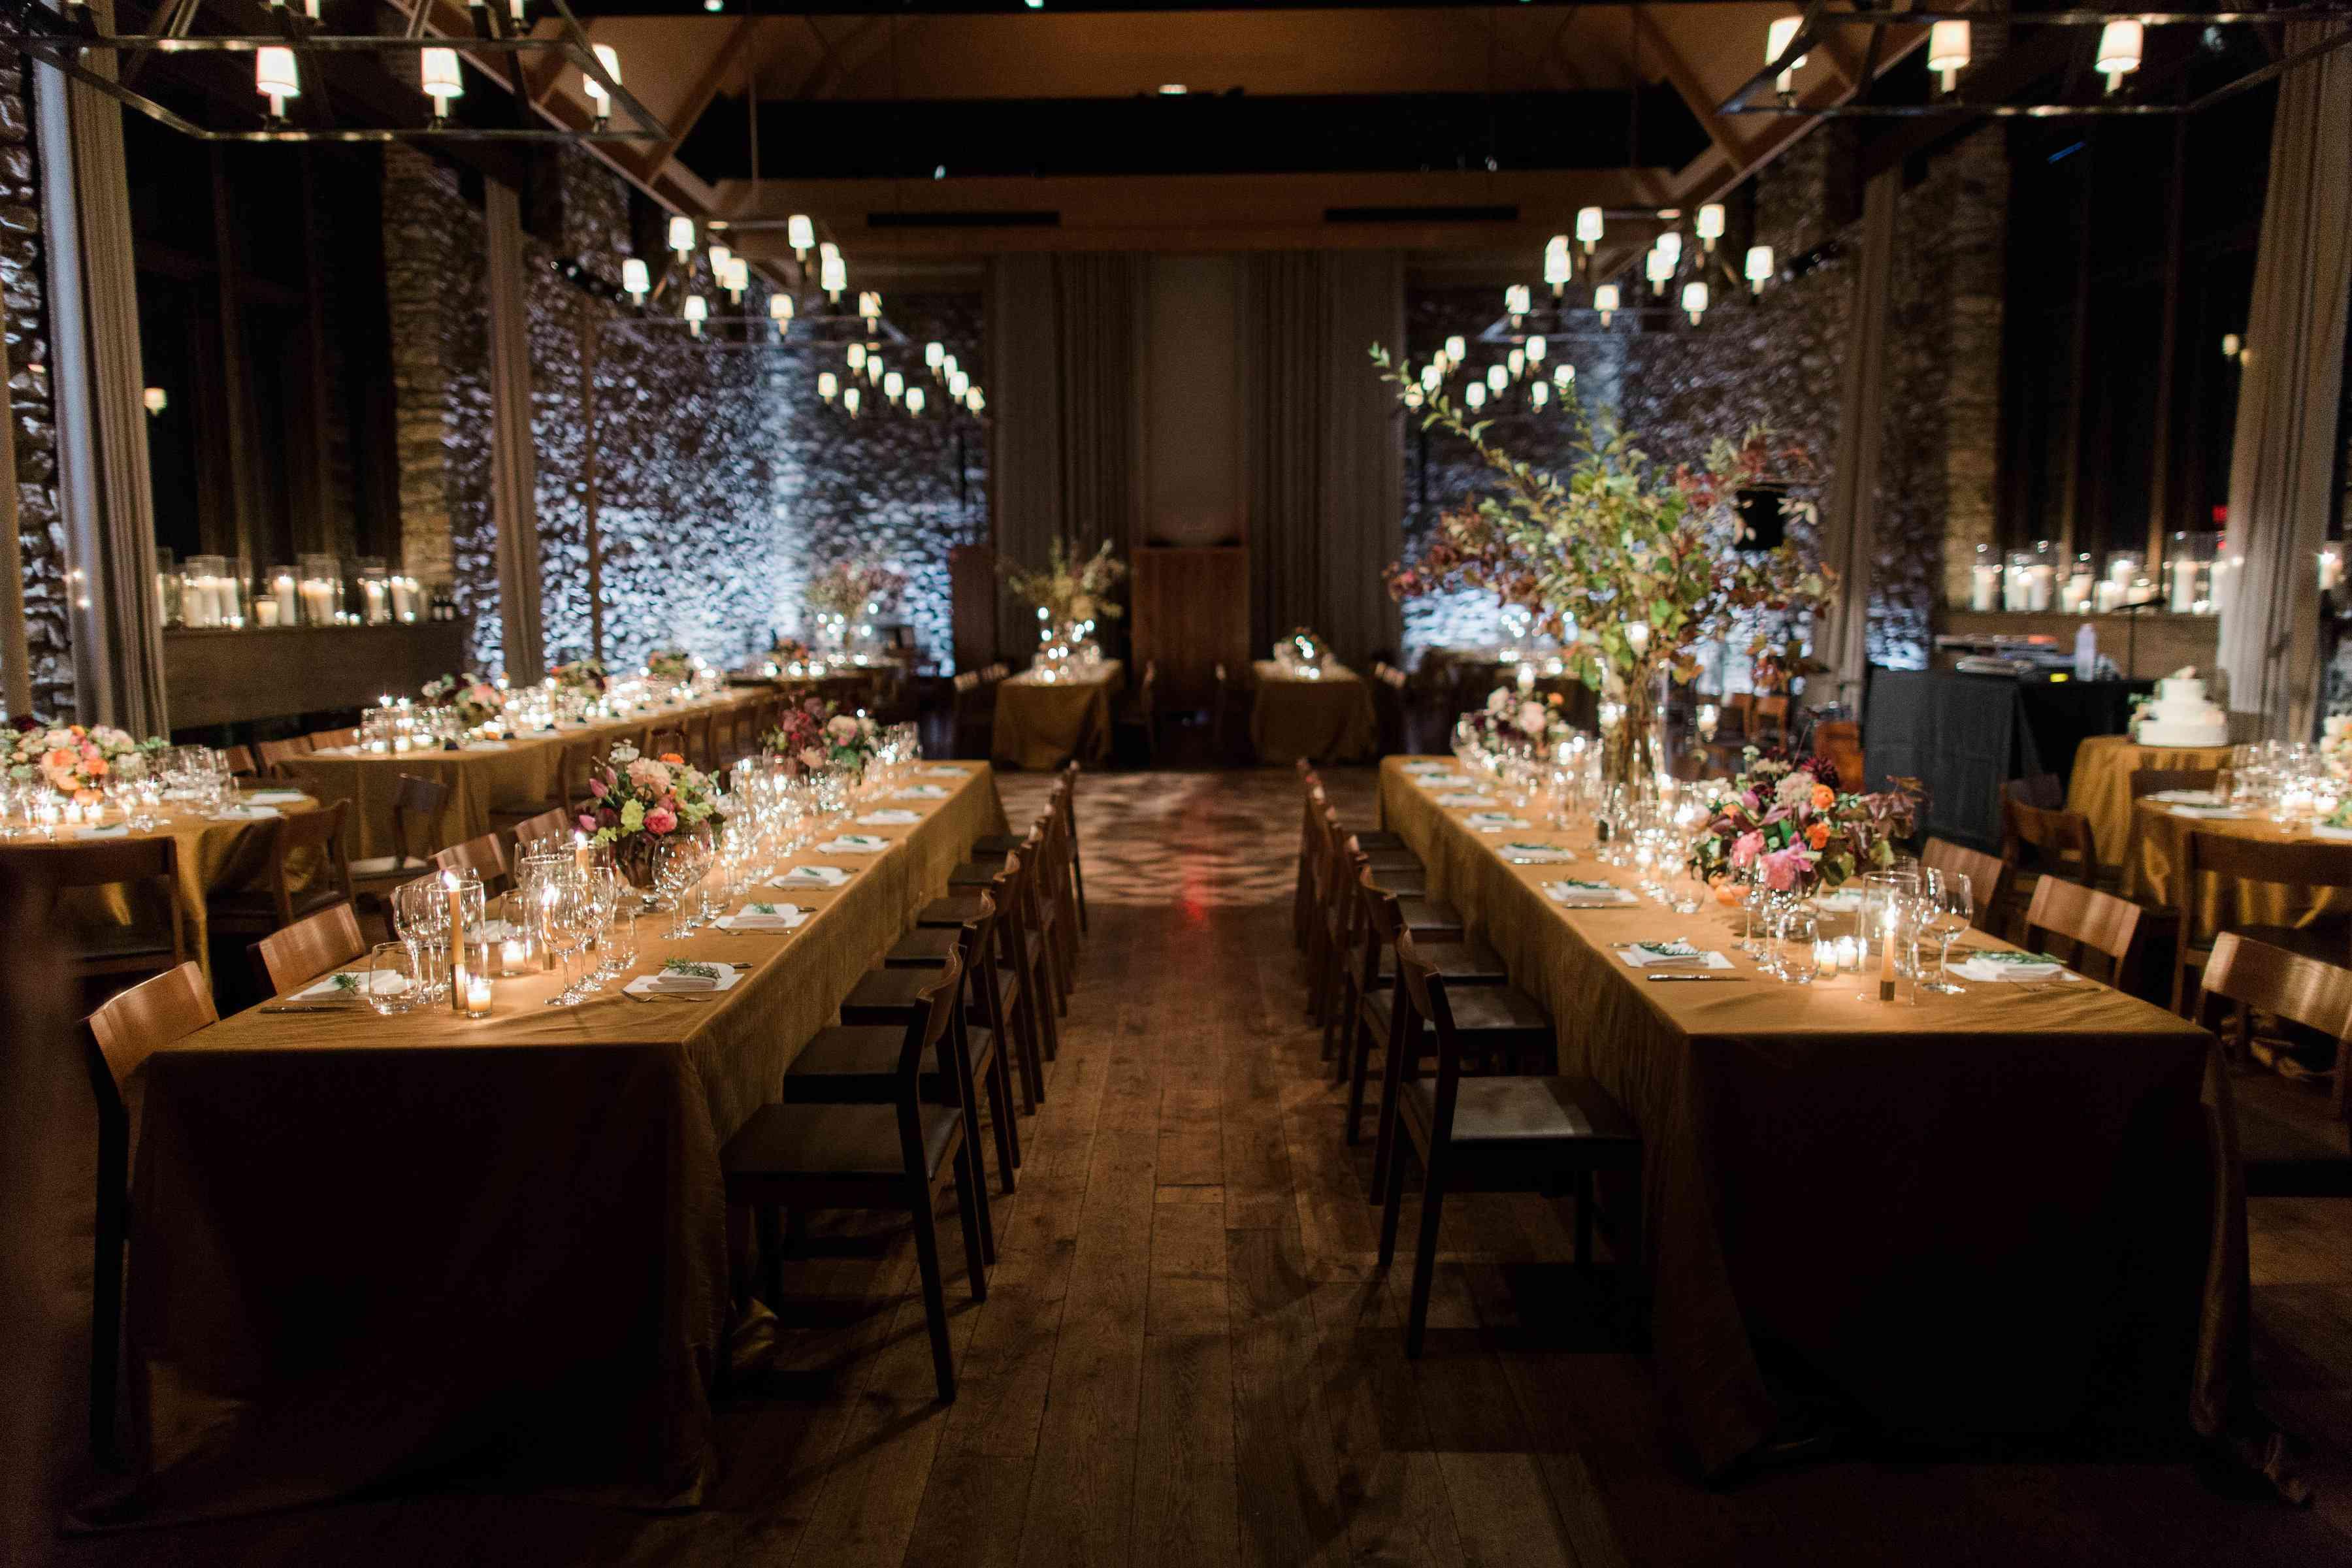 <p>Wedding tablescape</p><br><br>